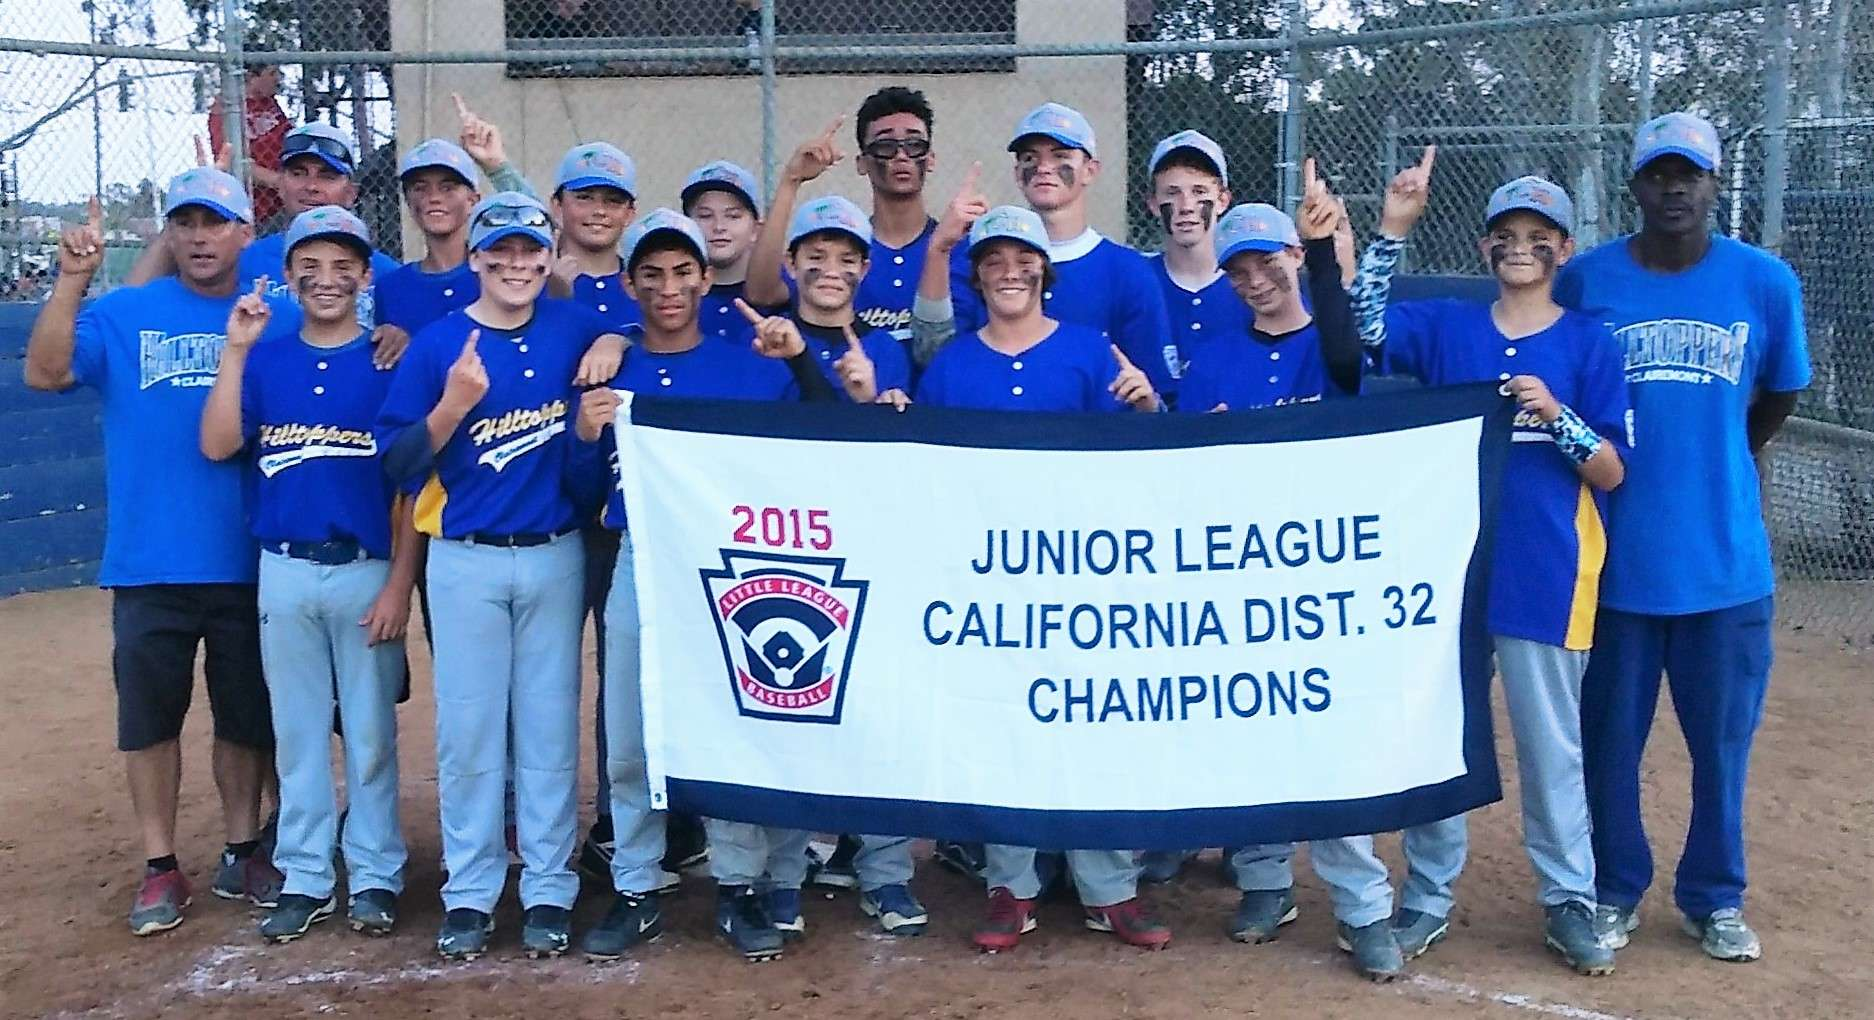 2015 Junior Champions